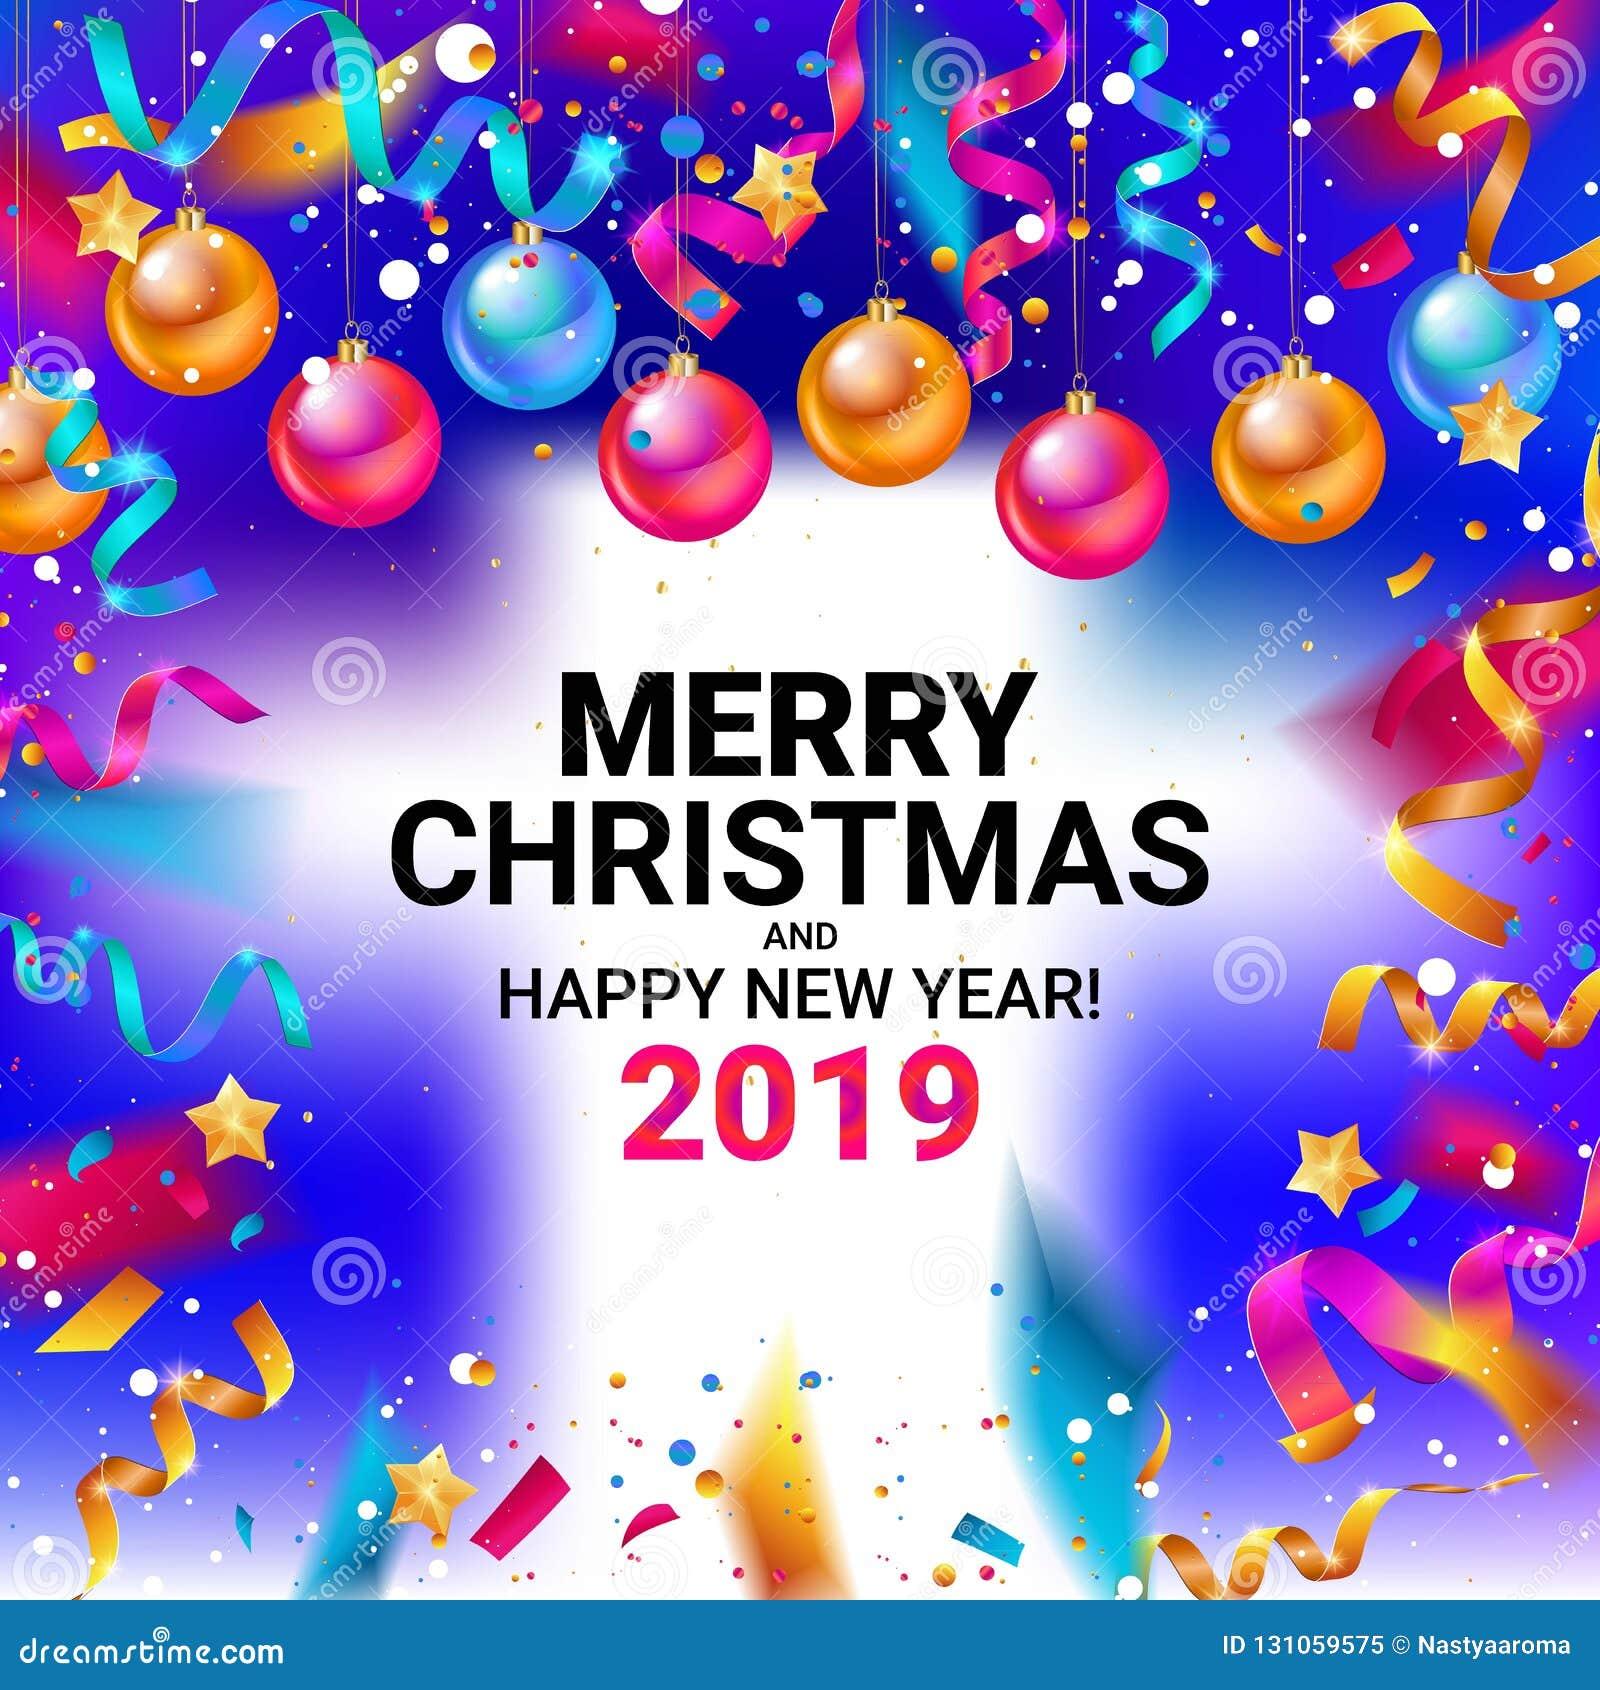 Frohe Weihnachten Und Guten Rutsch In Neues Jahr.Frohe Weihnachten Und Guten Rutsch Ins Neue Jahr 2019 Stock